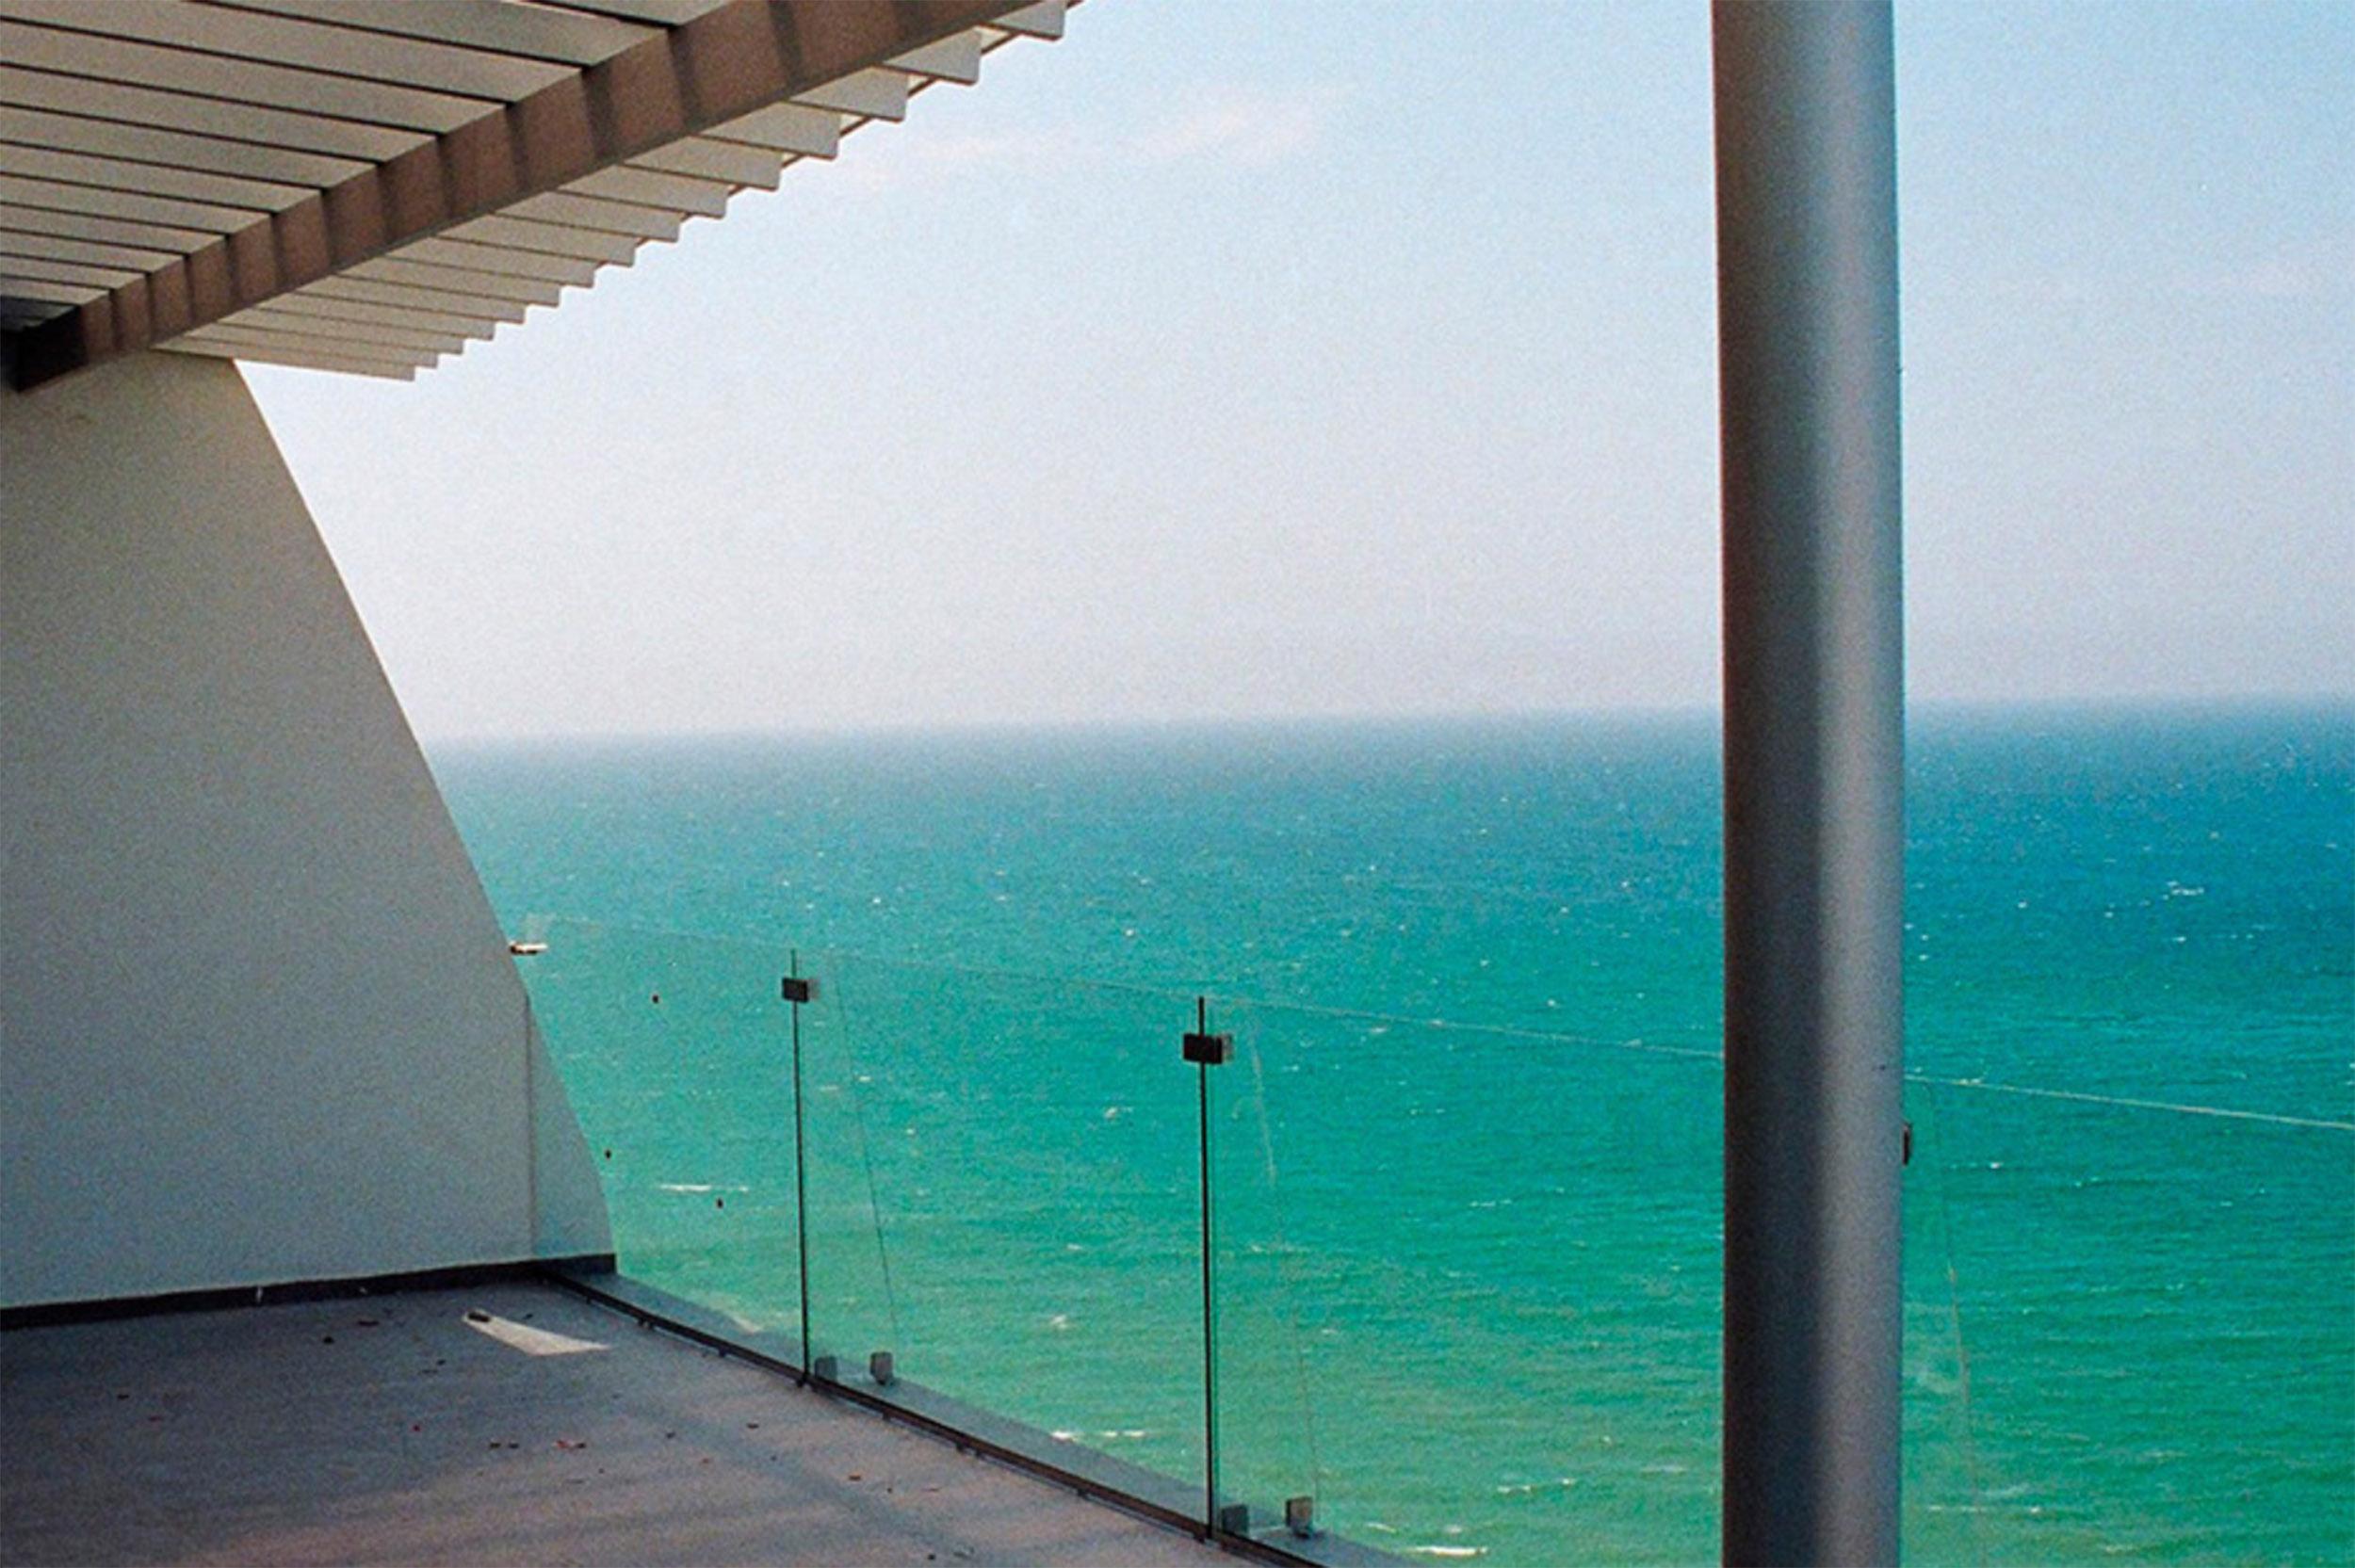 Vista del mar desde un balcón con cortavientos de vidrio